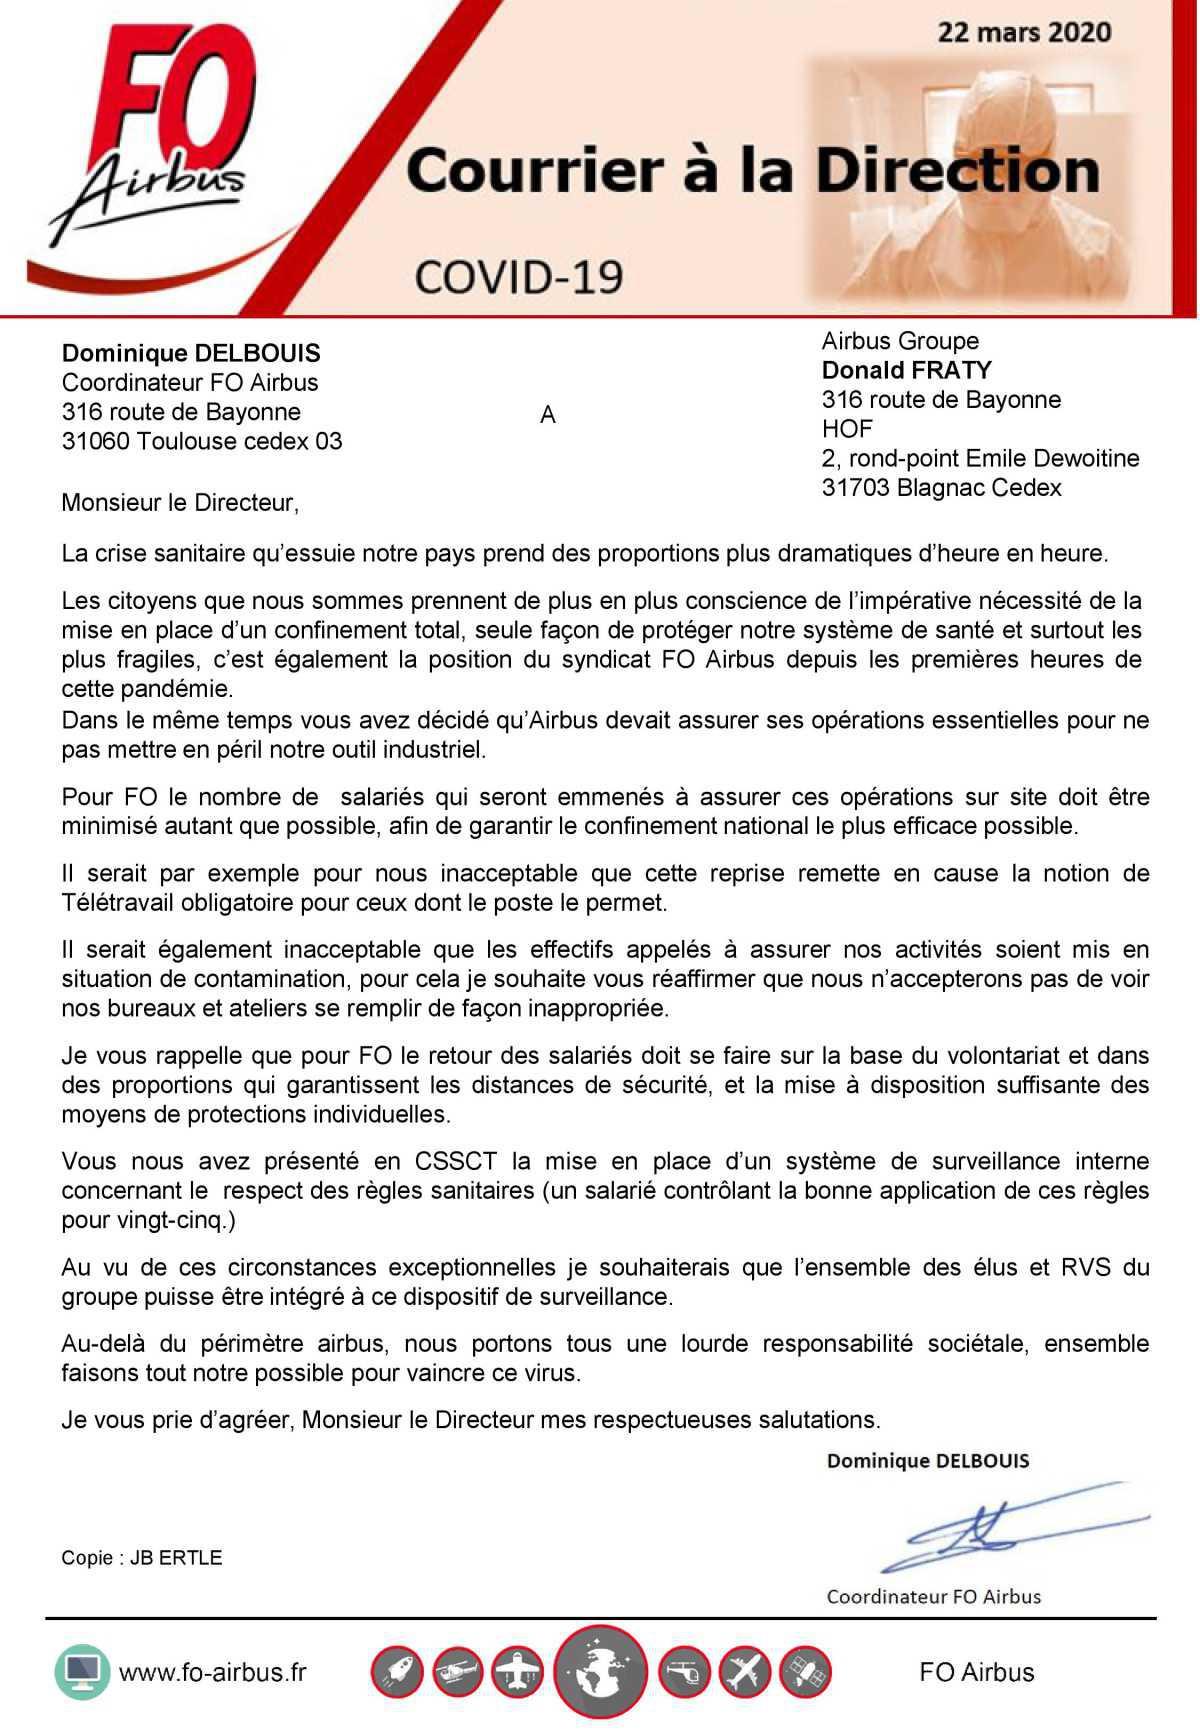 COVID-19, courrier à la Direction